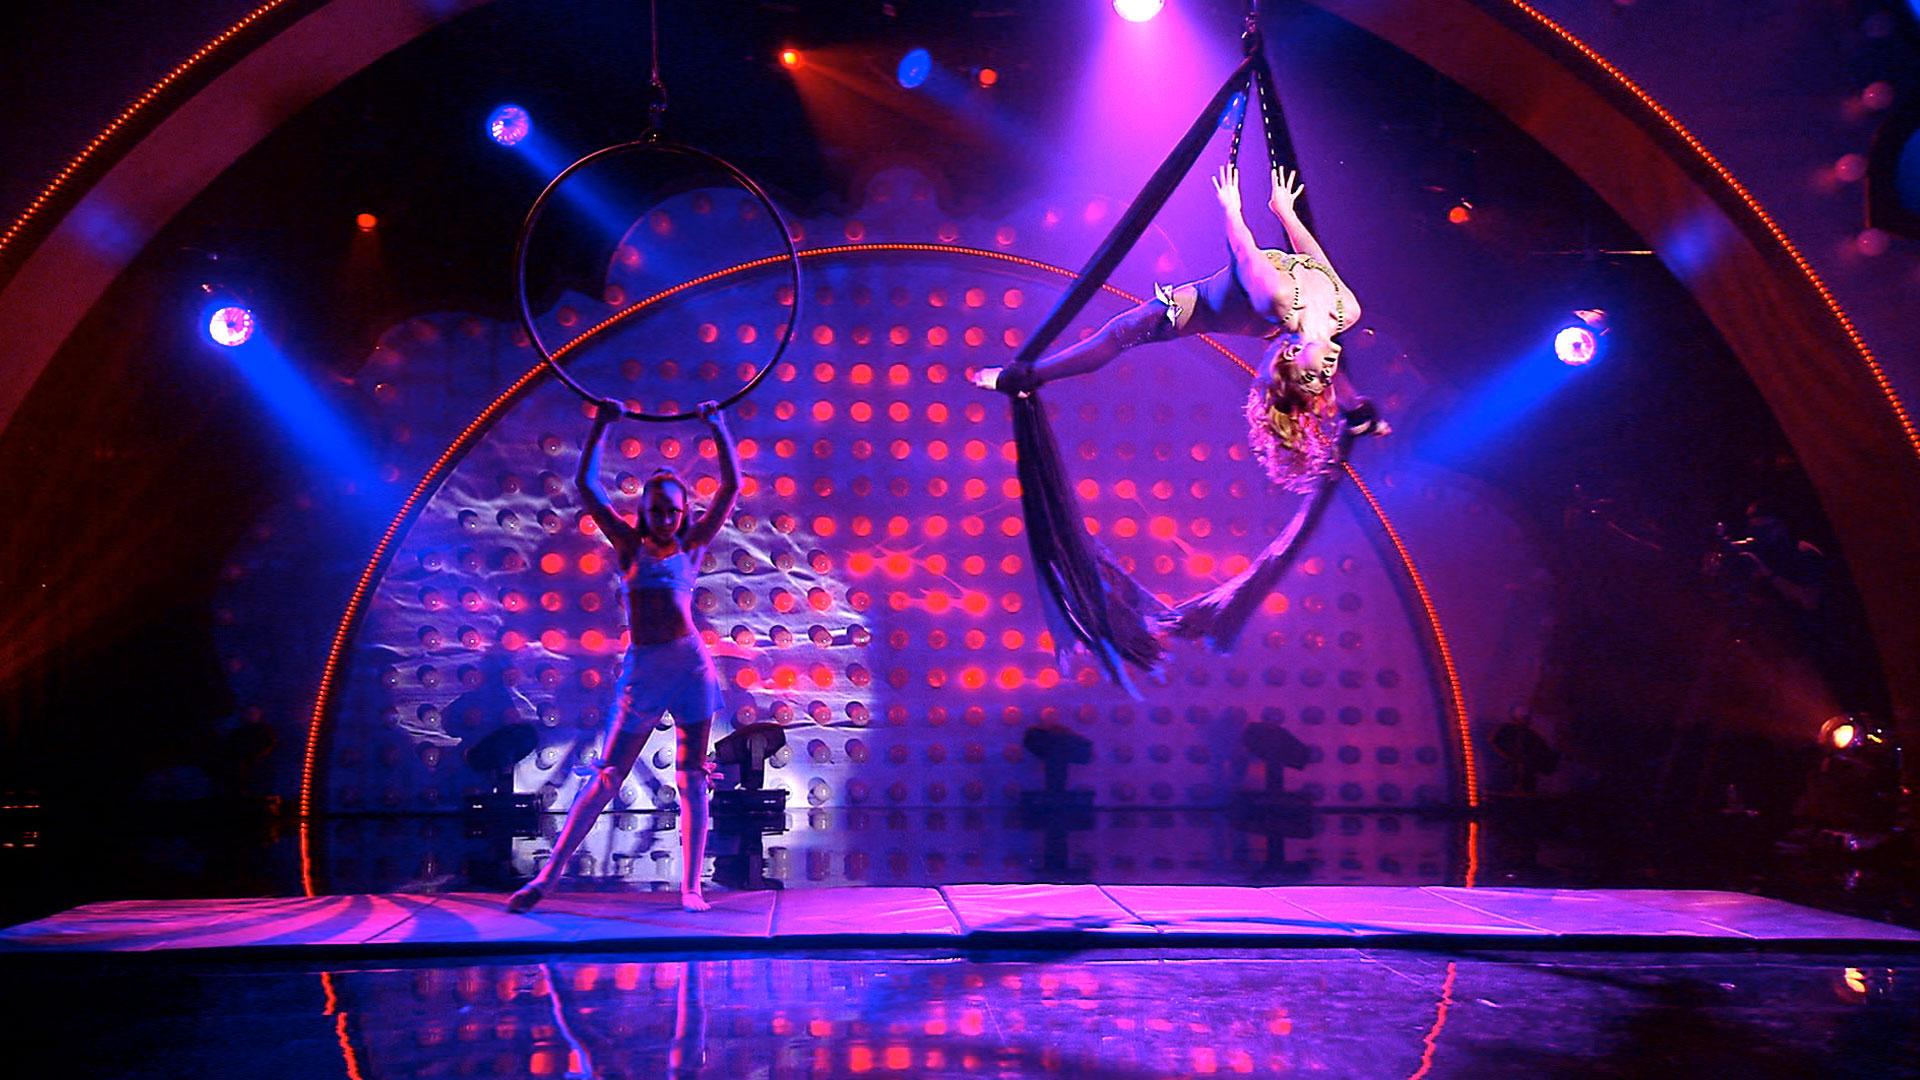 Cirque du Solos